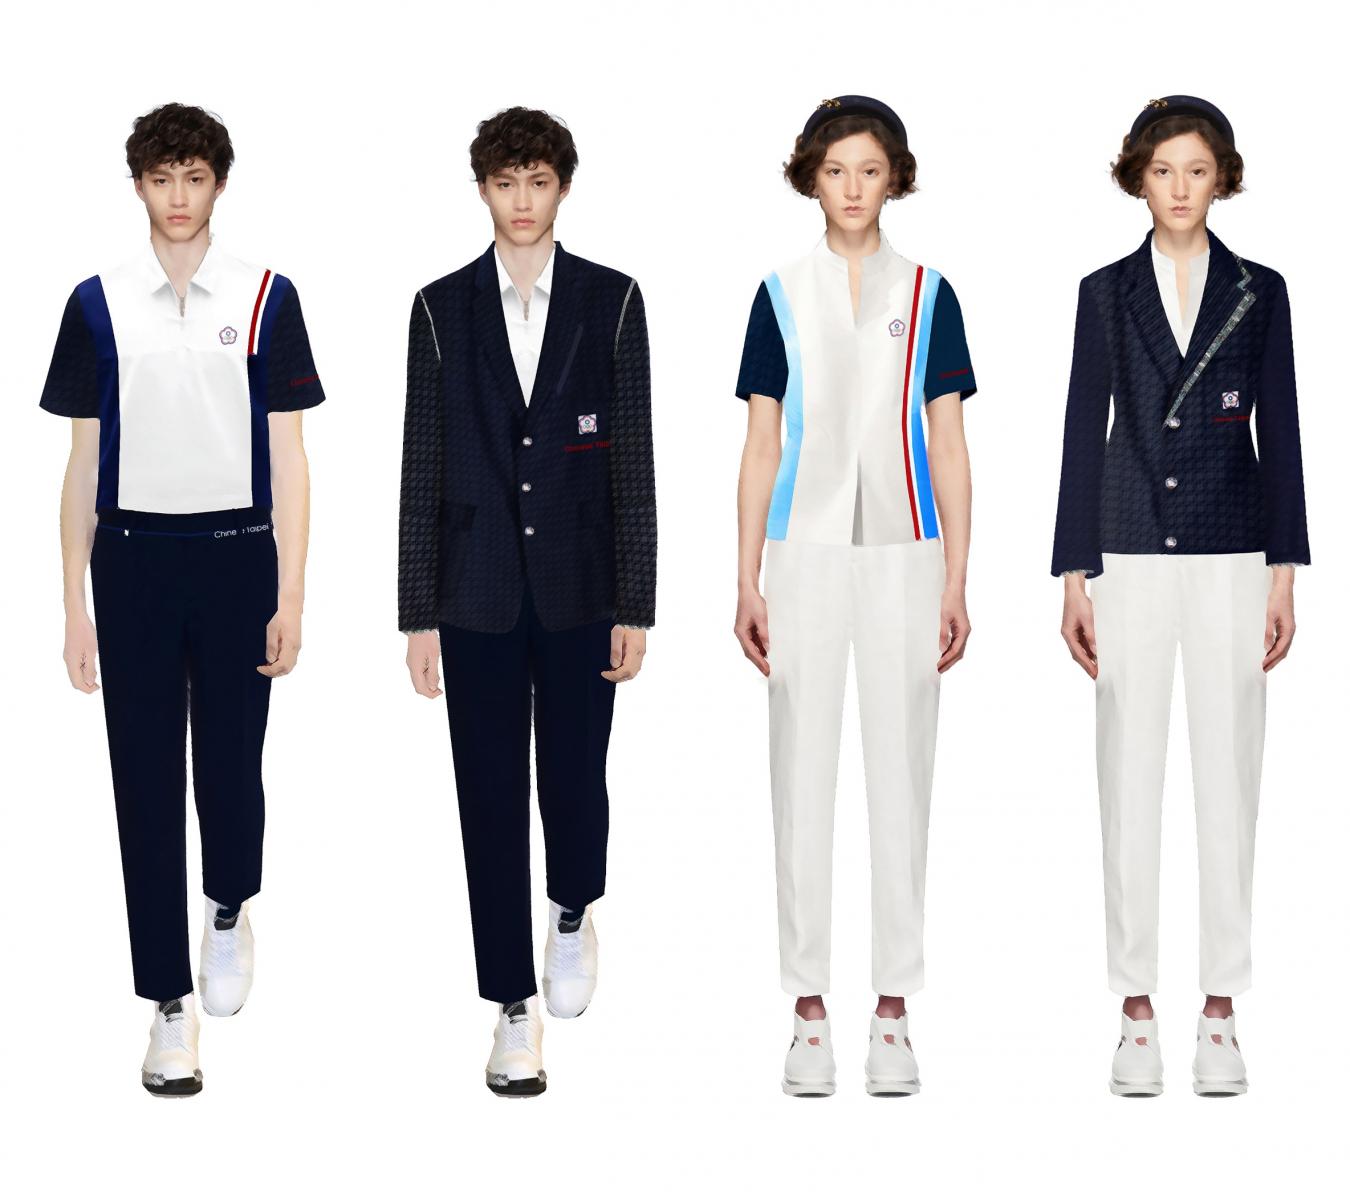 東奧中華代表團制服與時尚界合作 周裕穎打造戰袍出現「阿嬤家的窗花」